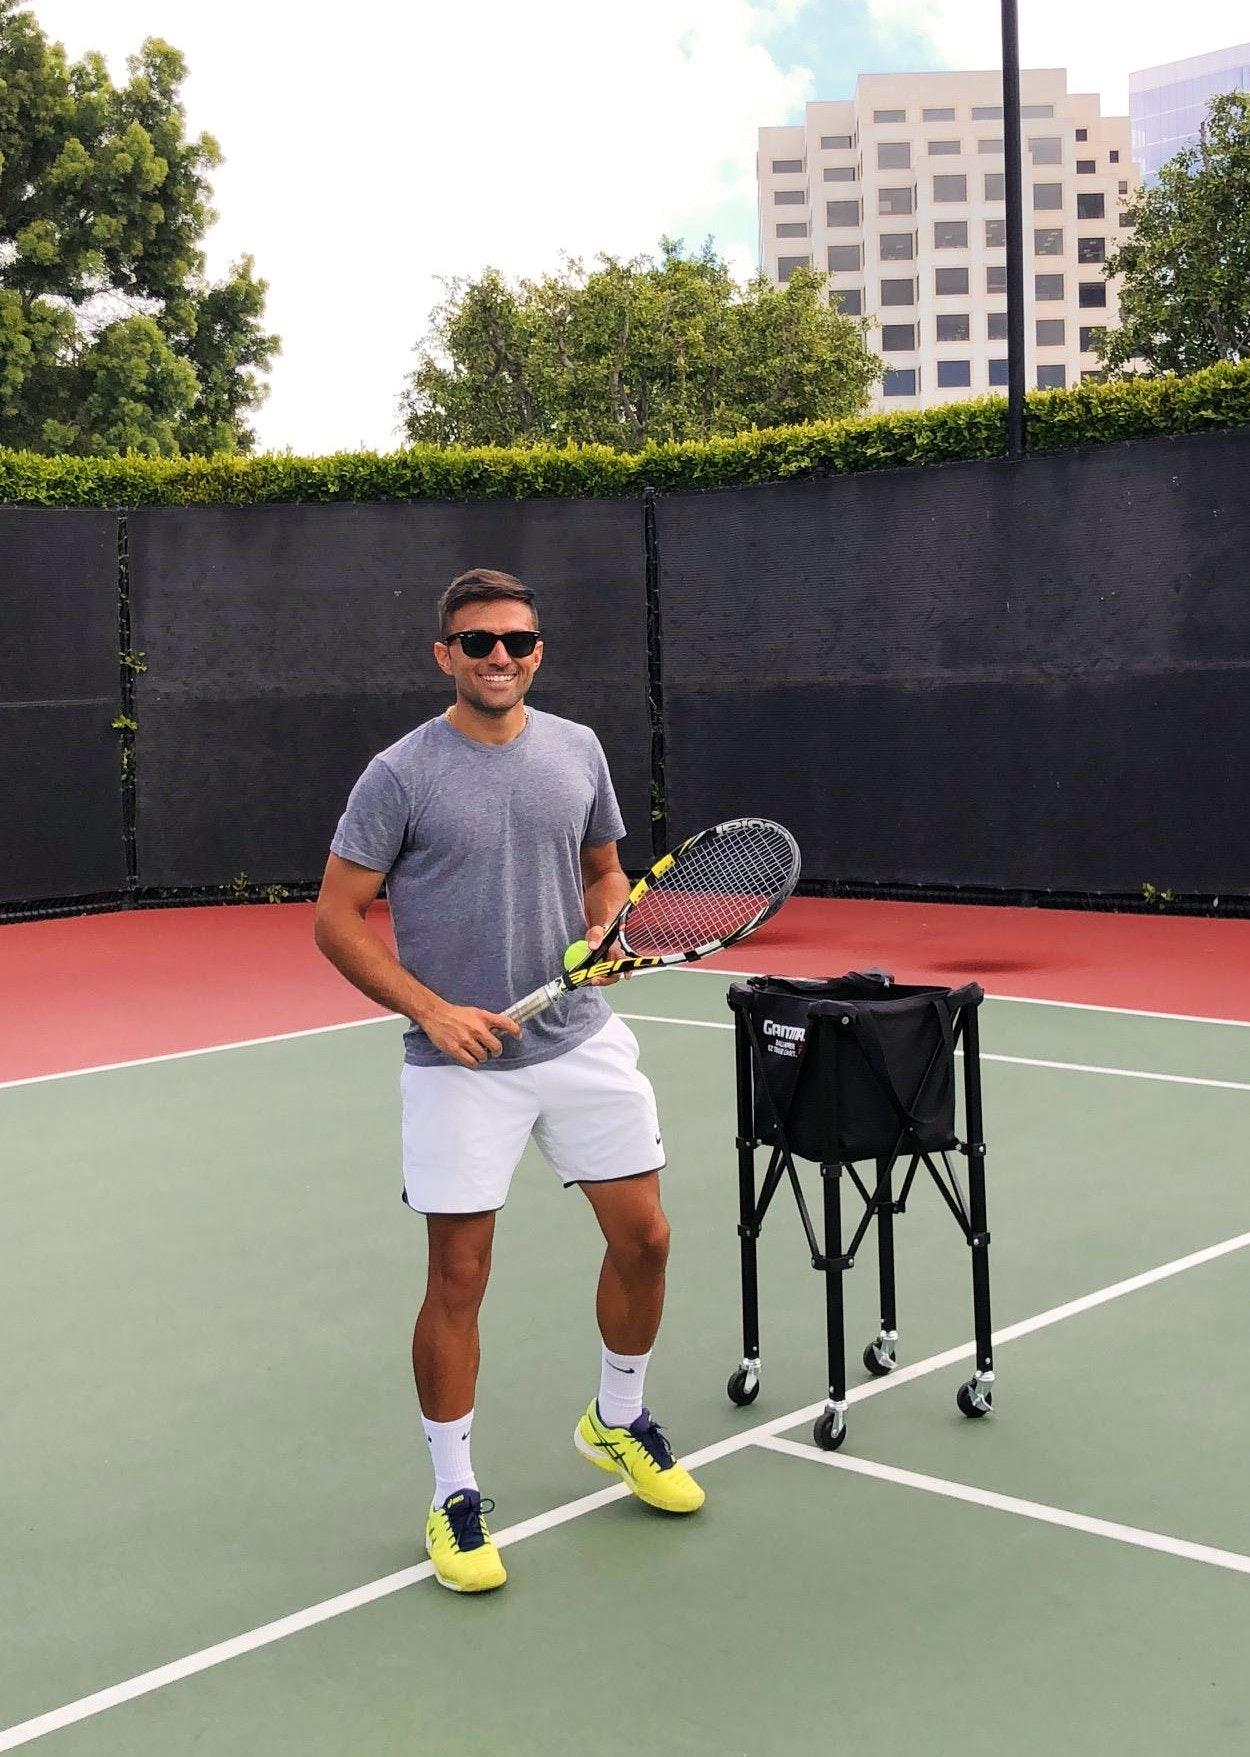 Ardi S. teaches tennis lessons in Irvine, CA